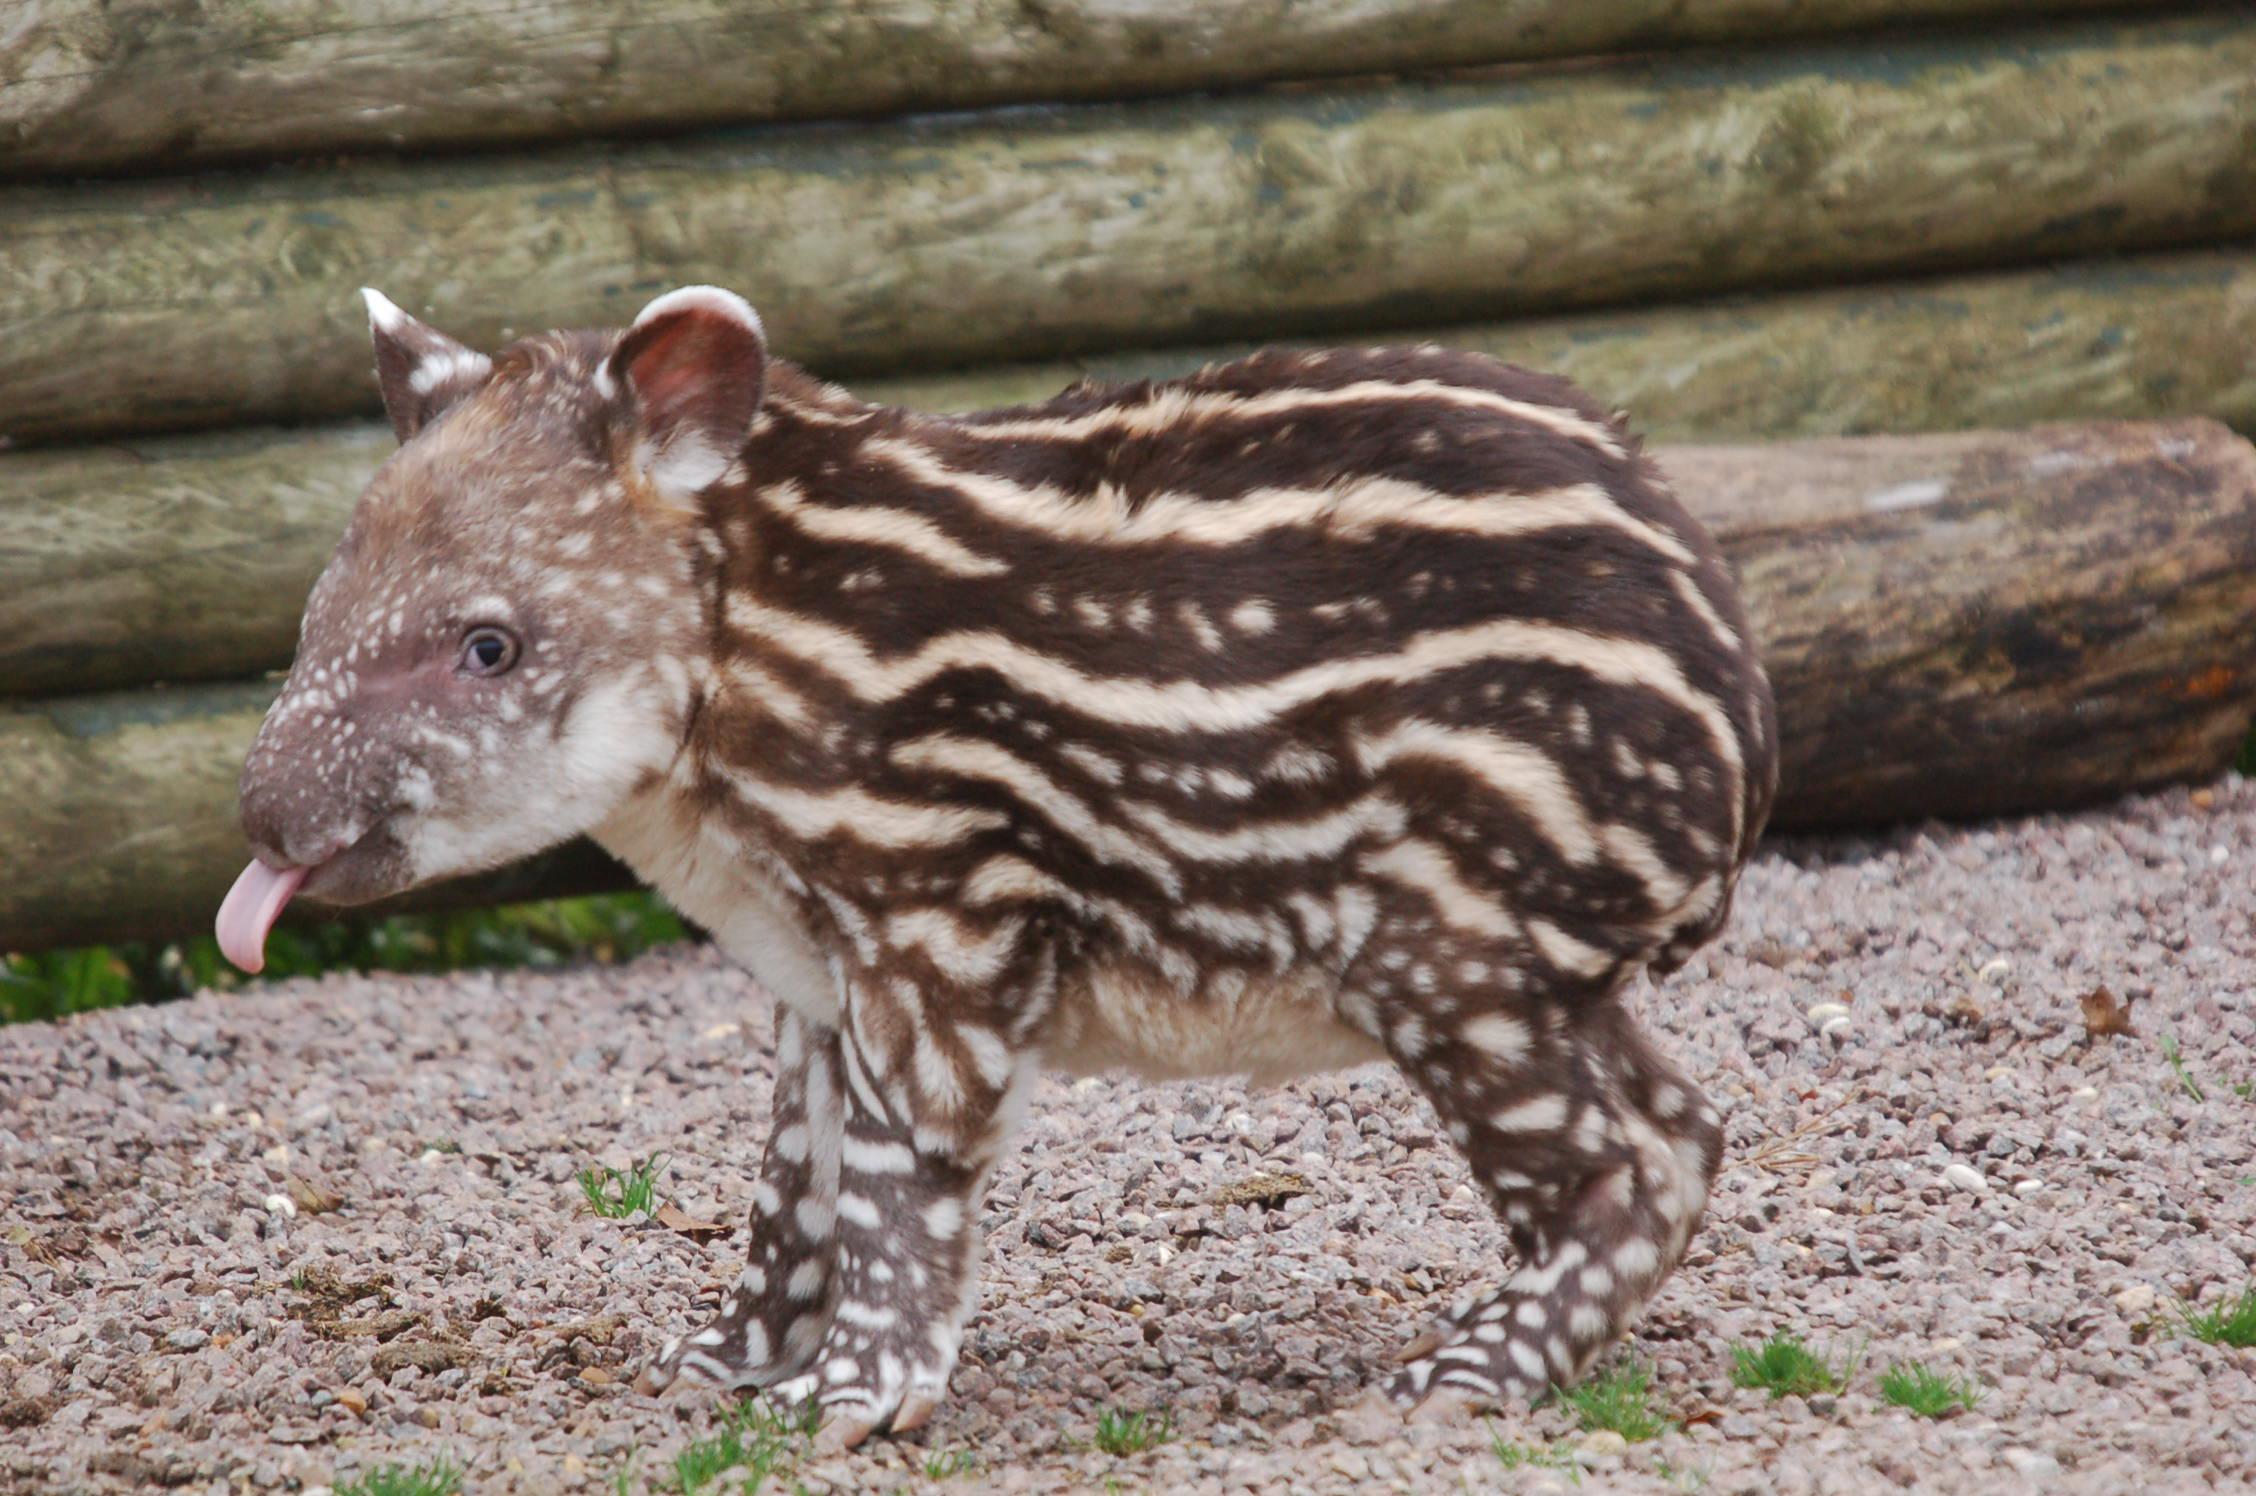 via http://www.twycrosszoo.org/twycrosszoowelcomestinytoddling-tapir.aspx